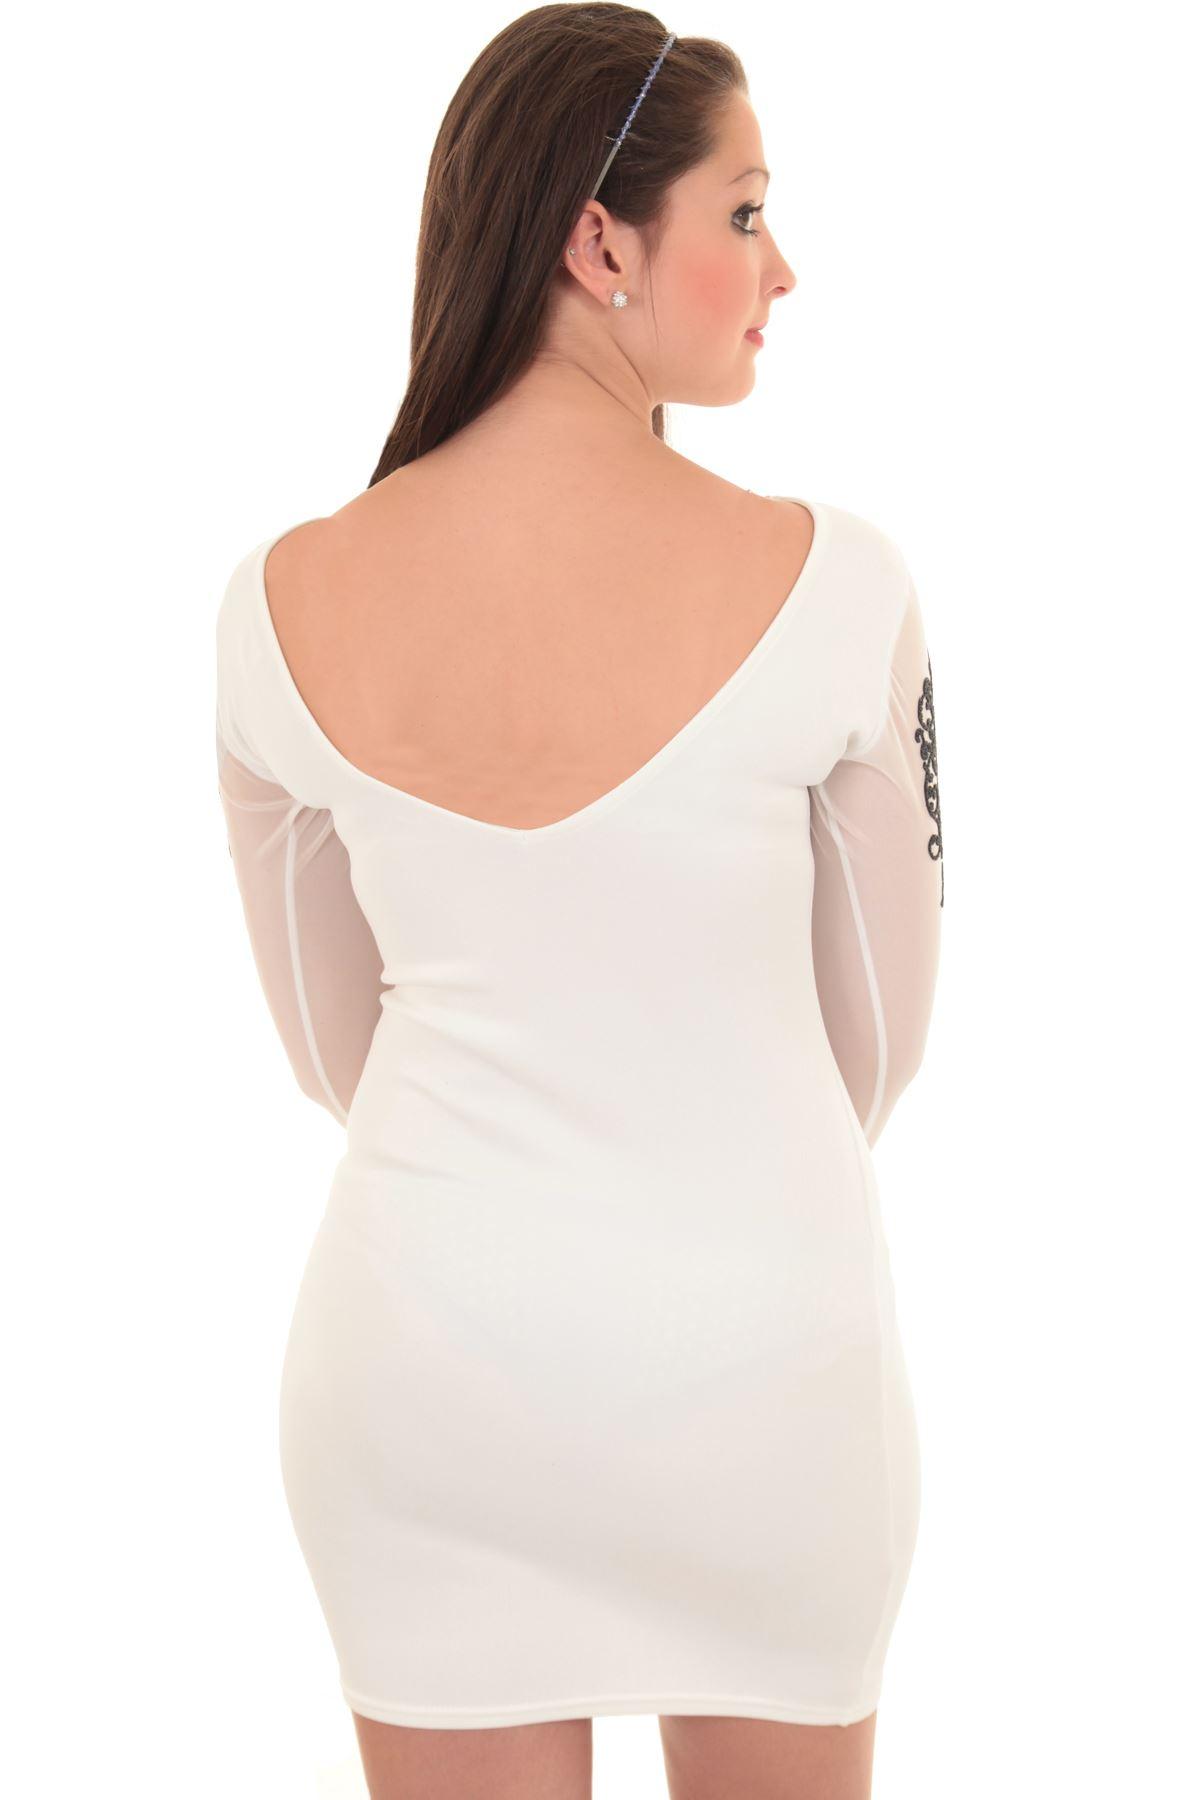 NEU Damen Silber tiefer Rücken langärmlig enganliegend Party Minikleid